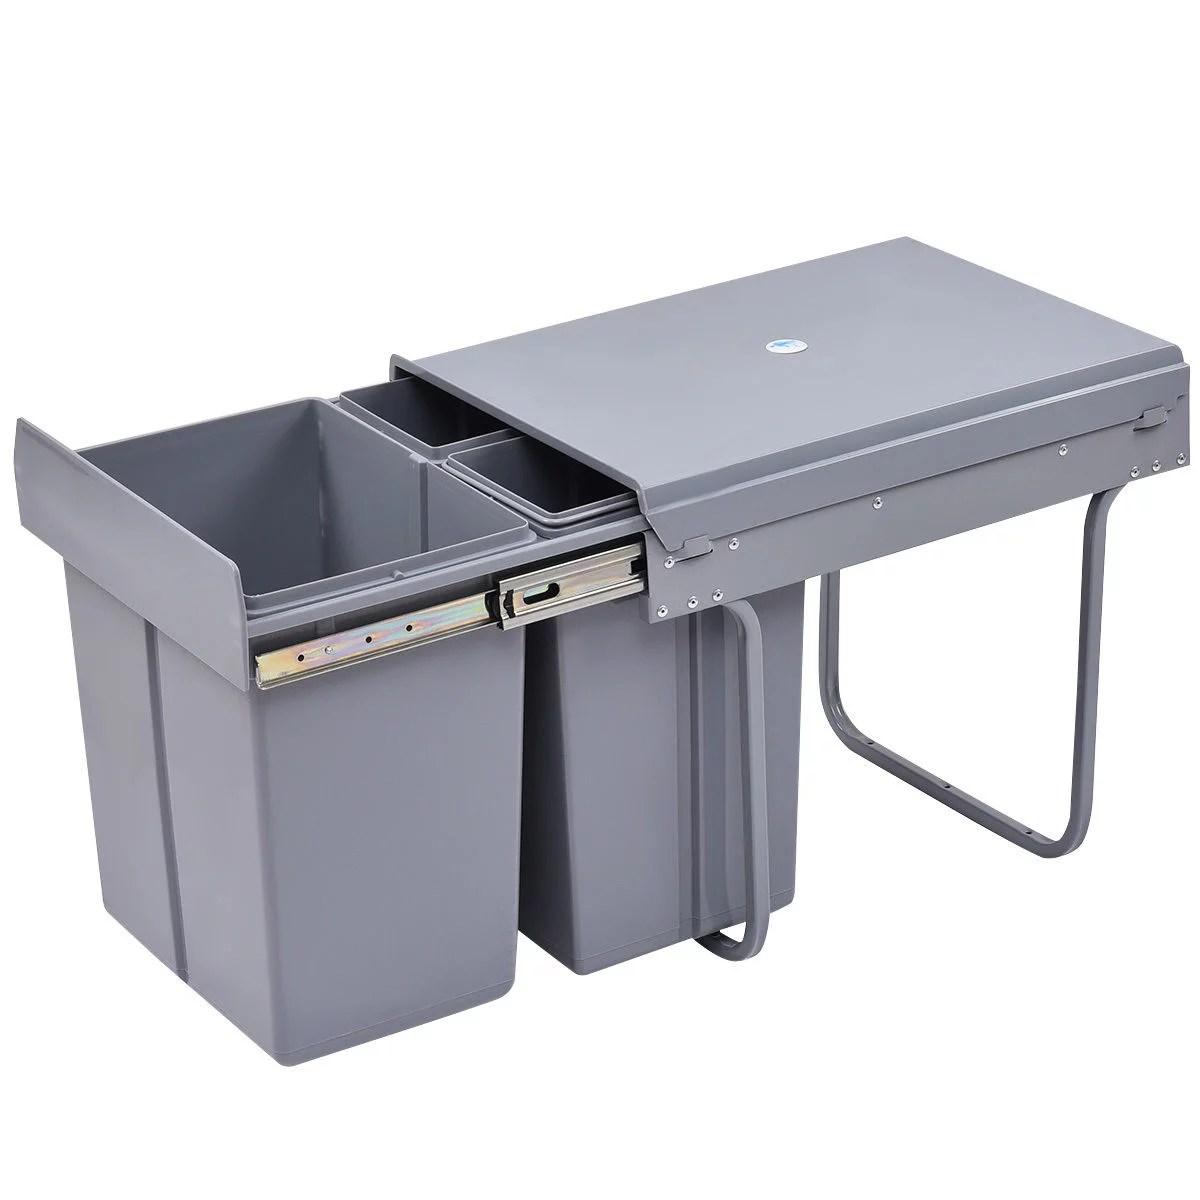 costway poubelle de cuisine encastrable coulissante pour placard cuisine poubelle recyclable poubelle tri selectif gris 20l 10lx2